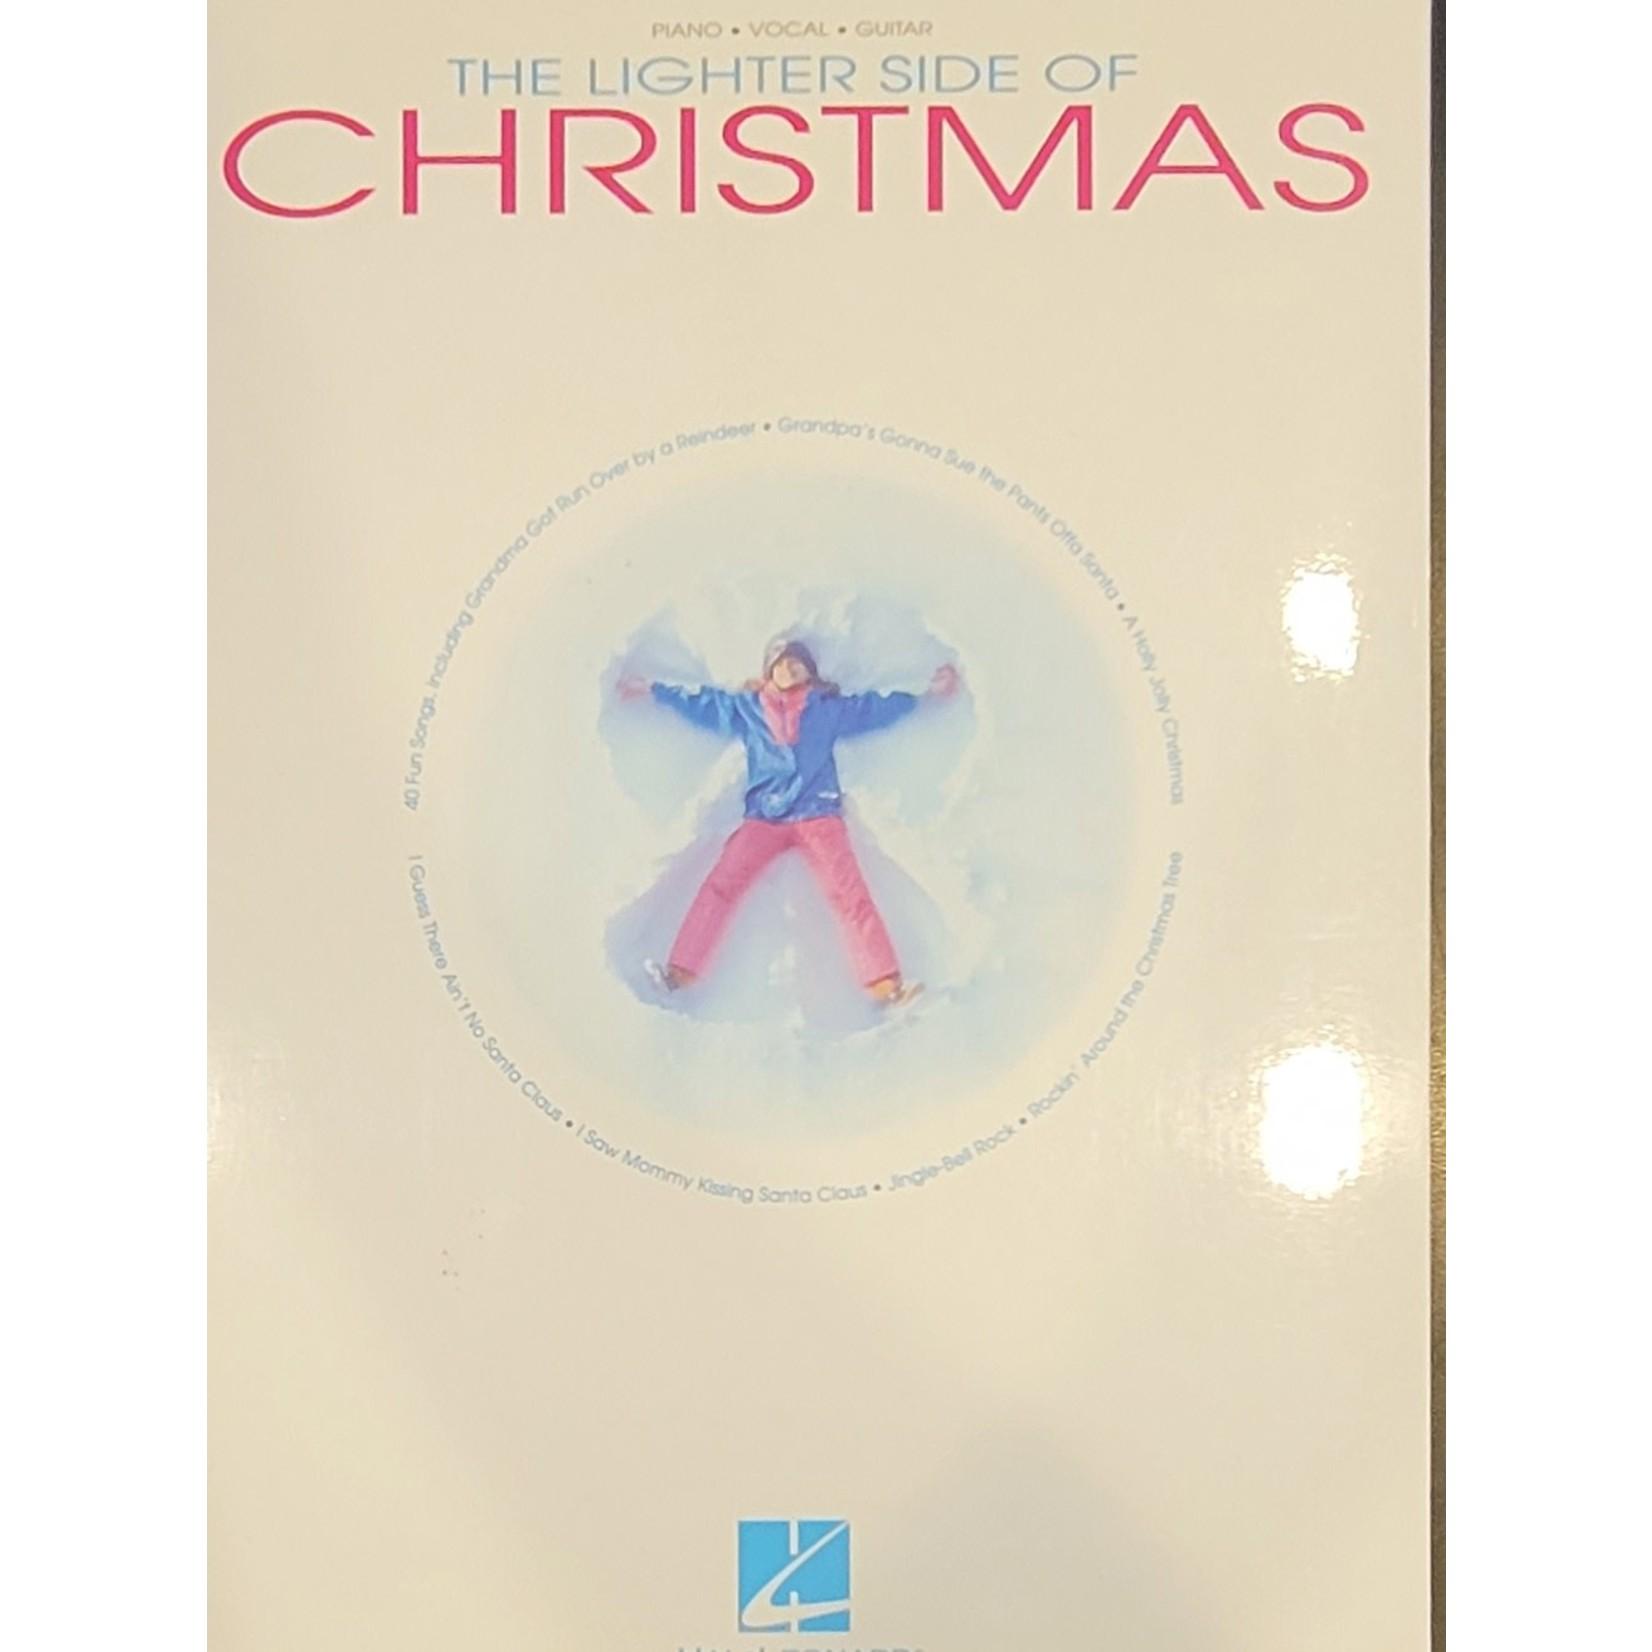 HAL LEONARD LIVRE THE LIGHTER SIDE OF CHRISTMAS